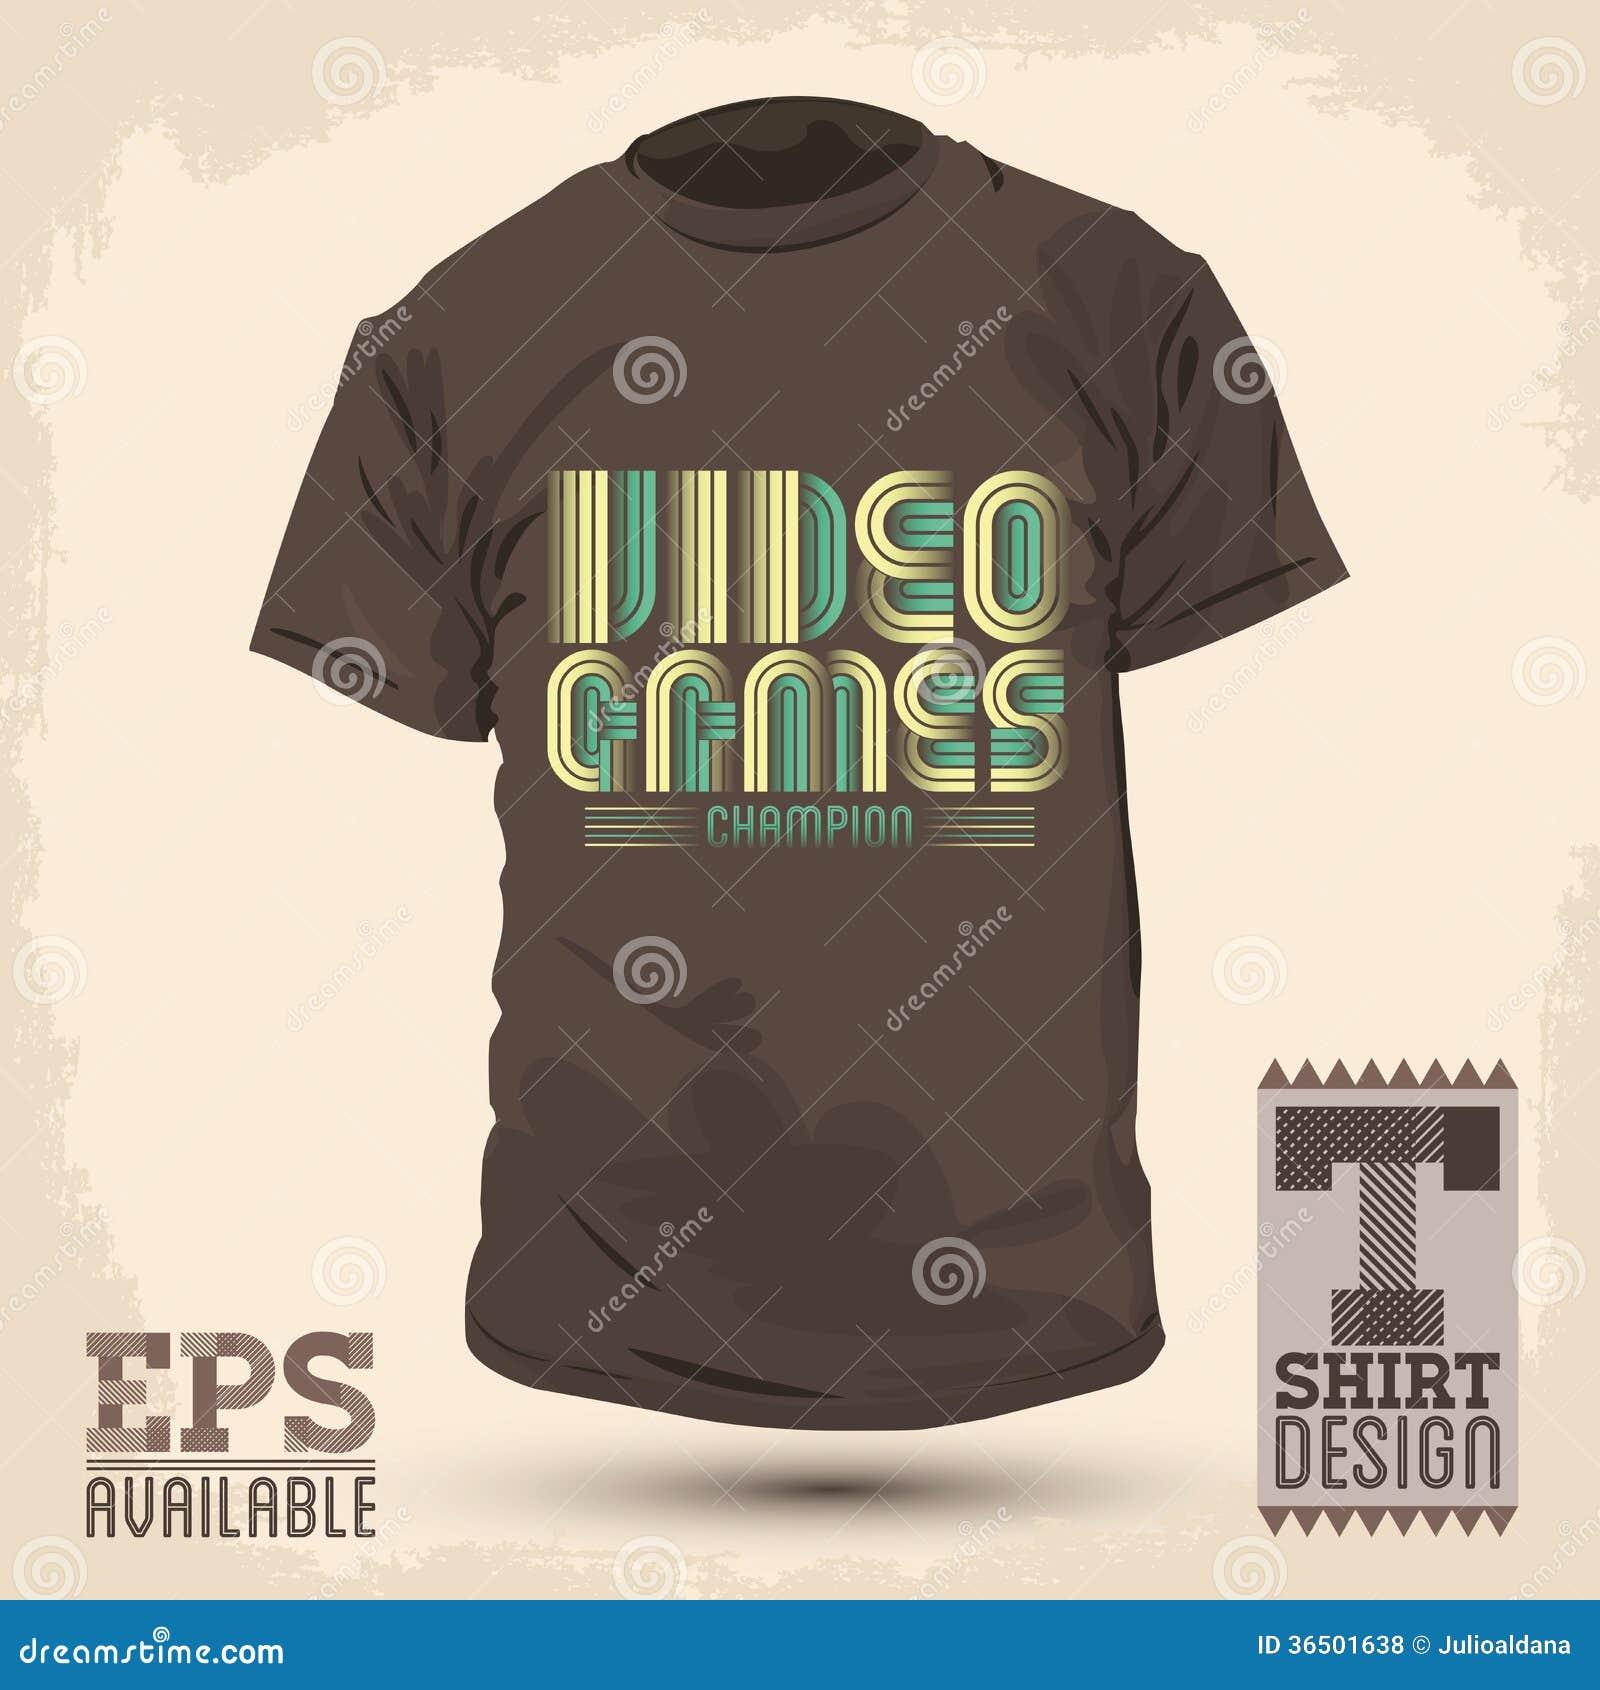 Shirt design vintage - Vintage Graphic T Shirt Design